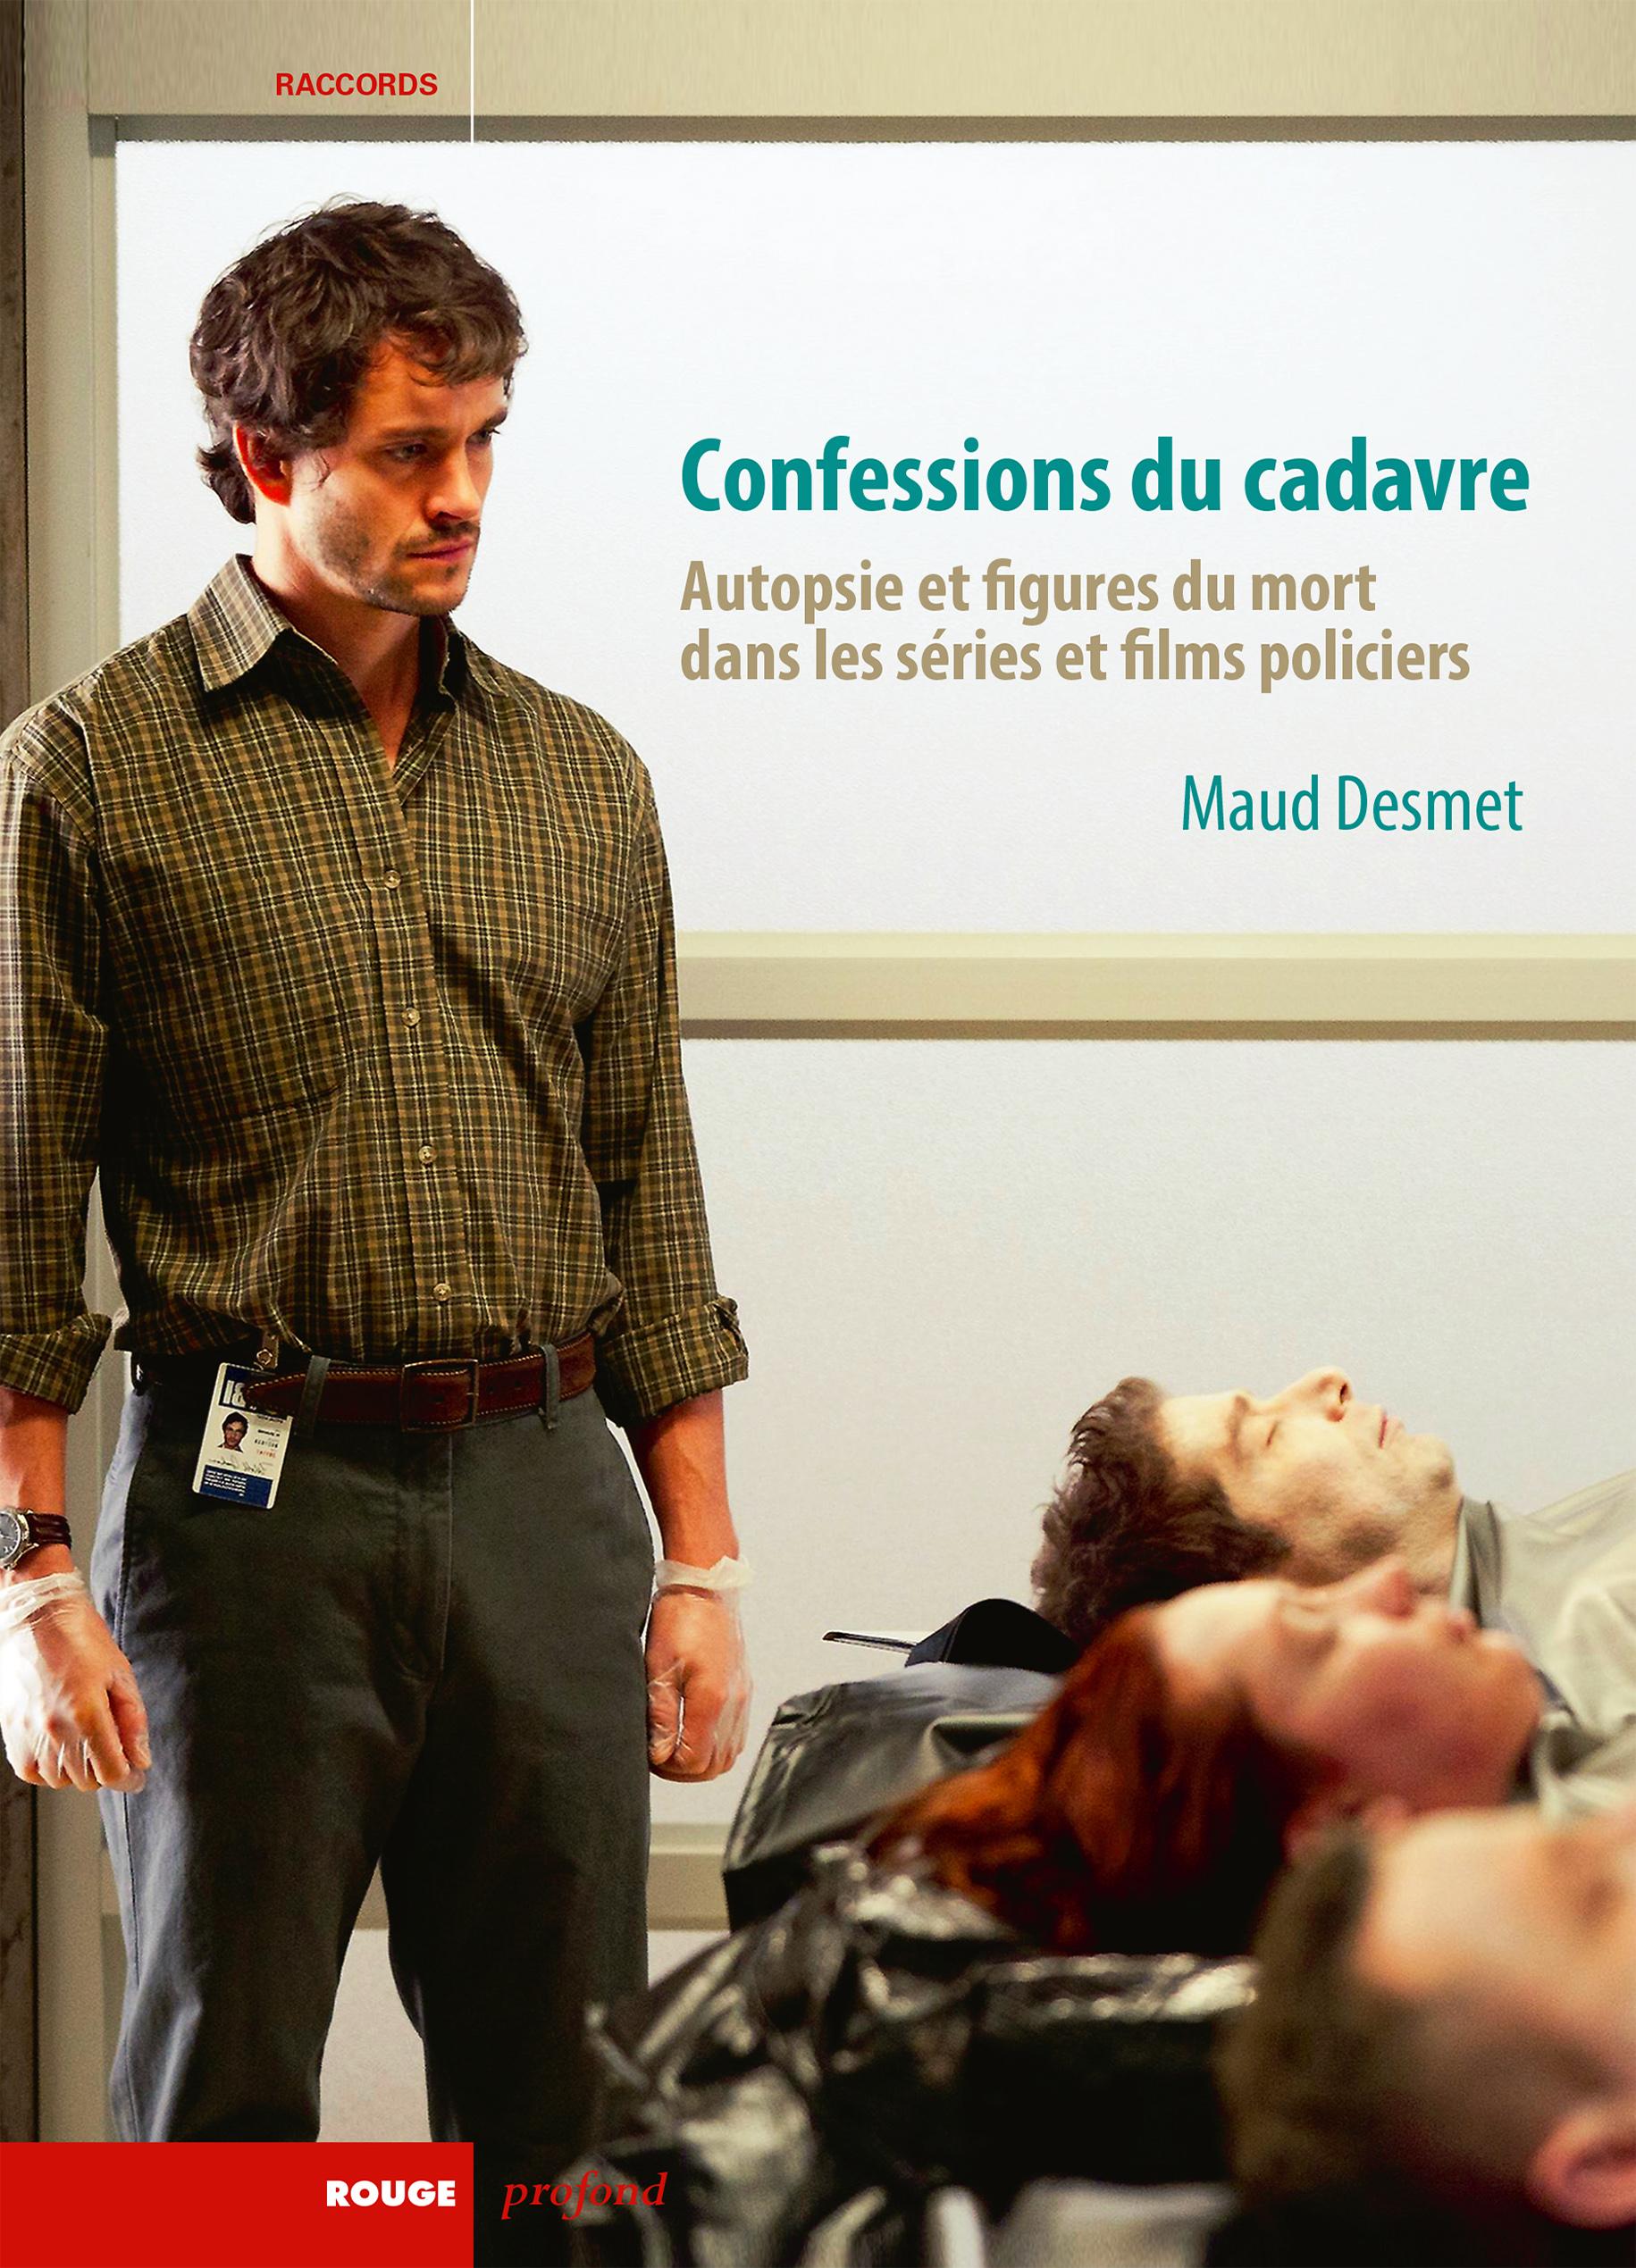 M. Desmet, Confessions du cadavre. Autopsie et figures du mort dans les séries et films policiers